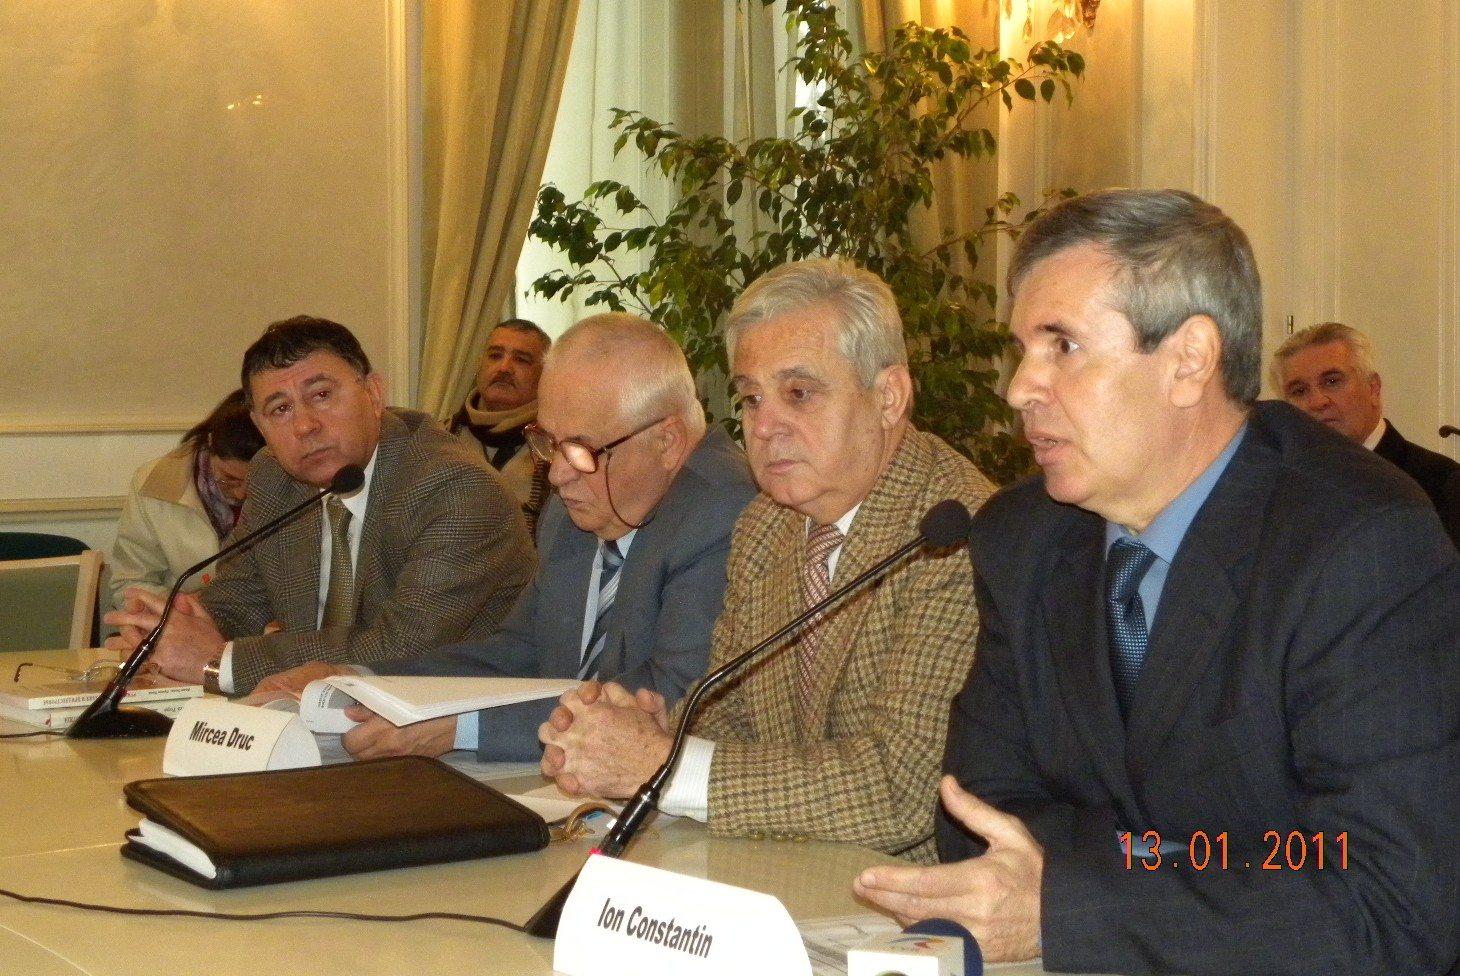 Evoluţii social-politice la Chişinău. Analize şi comentarii